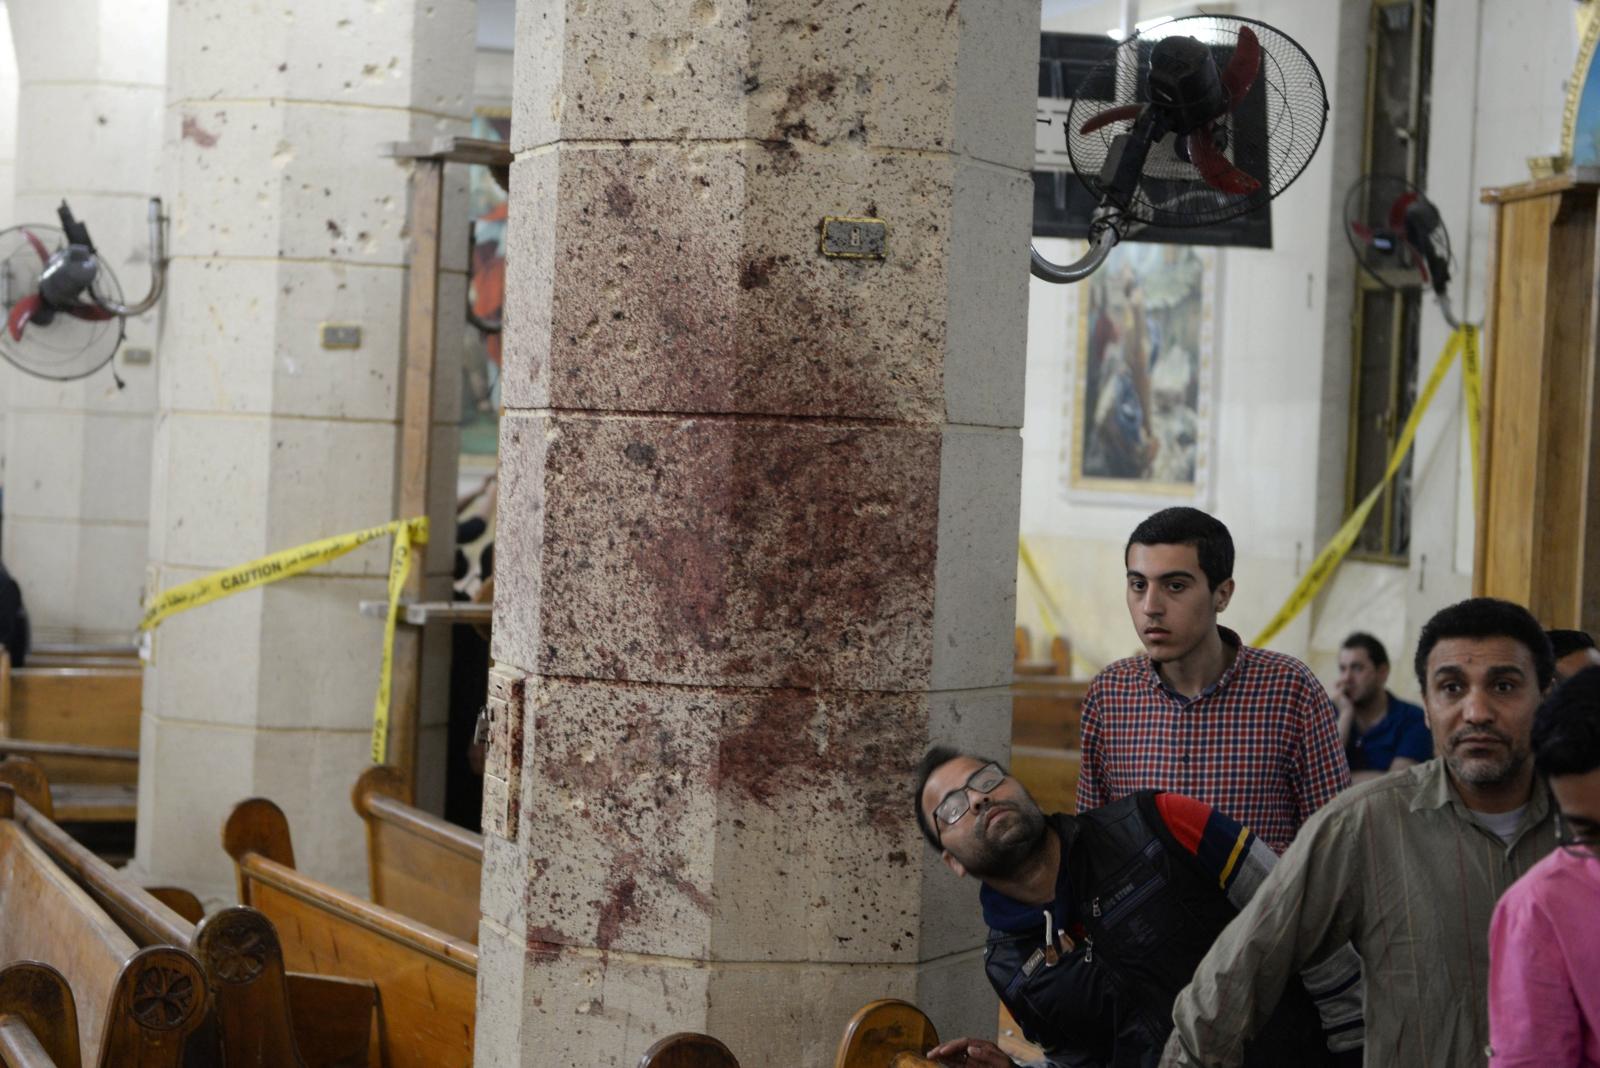 Zamach bombowy w koptyjskim kościele w Tancie, 90 km od Kairu, Egipt.